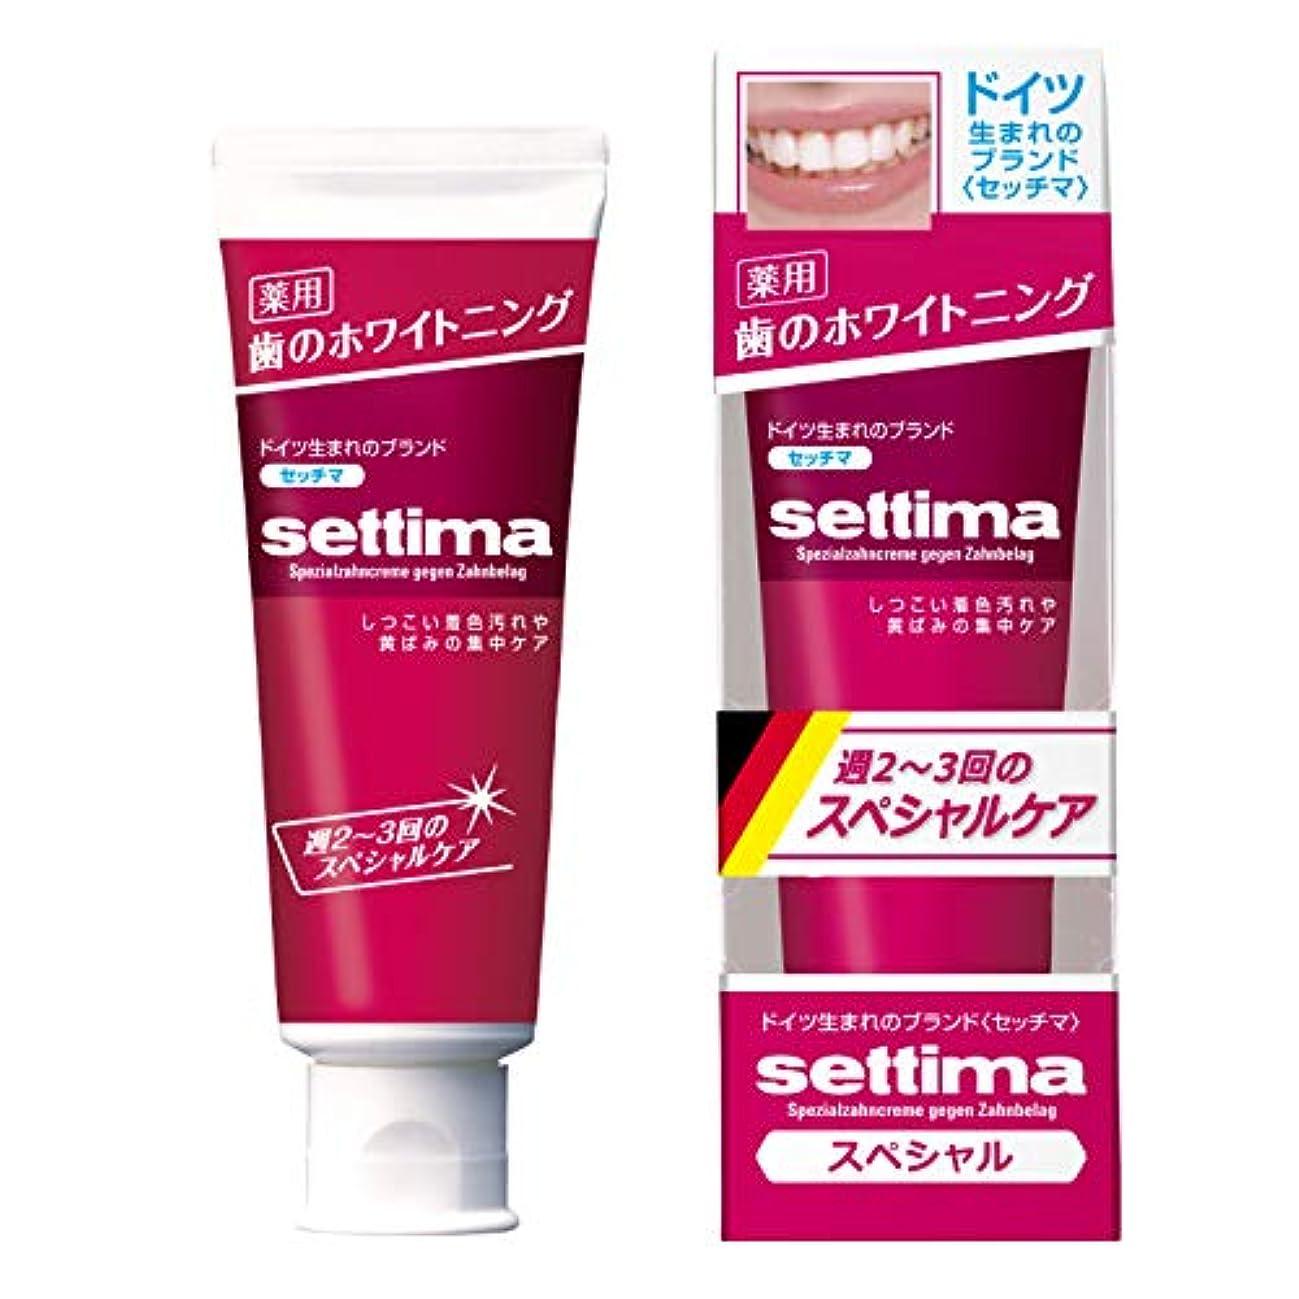 本当のことを言うと段階コストsettima(セッチマ) ホワイトニング 歯みがき スペシャルケア [ペパーミントタイプ] 80g